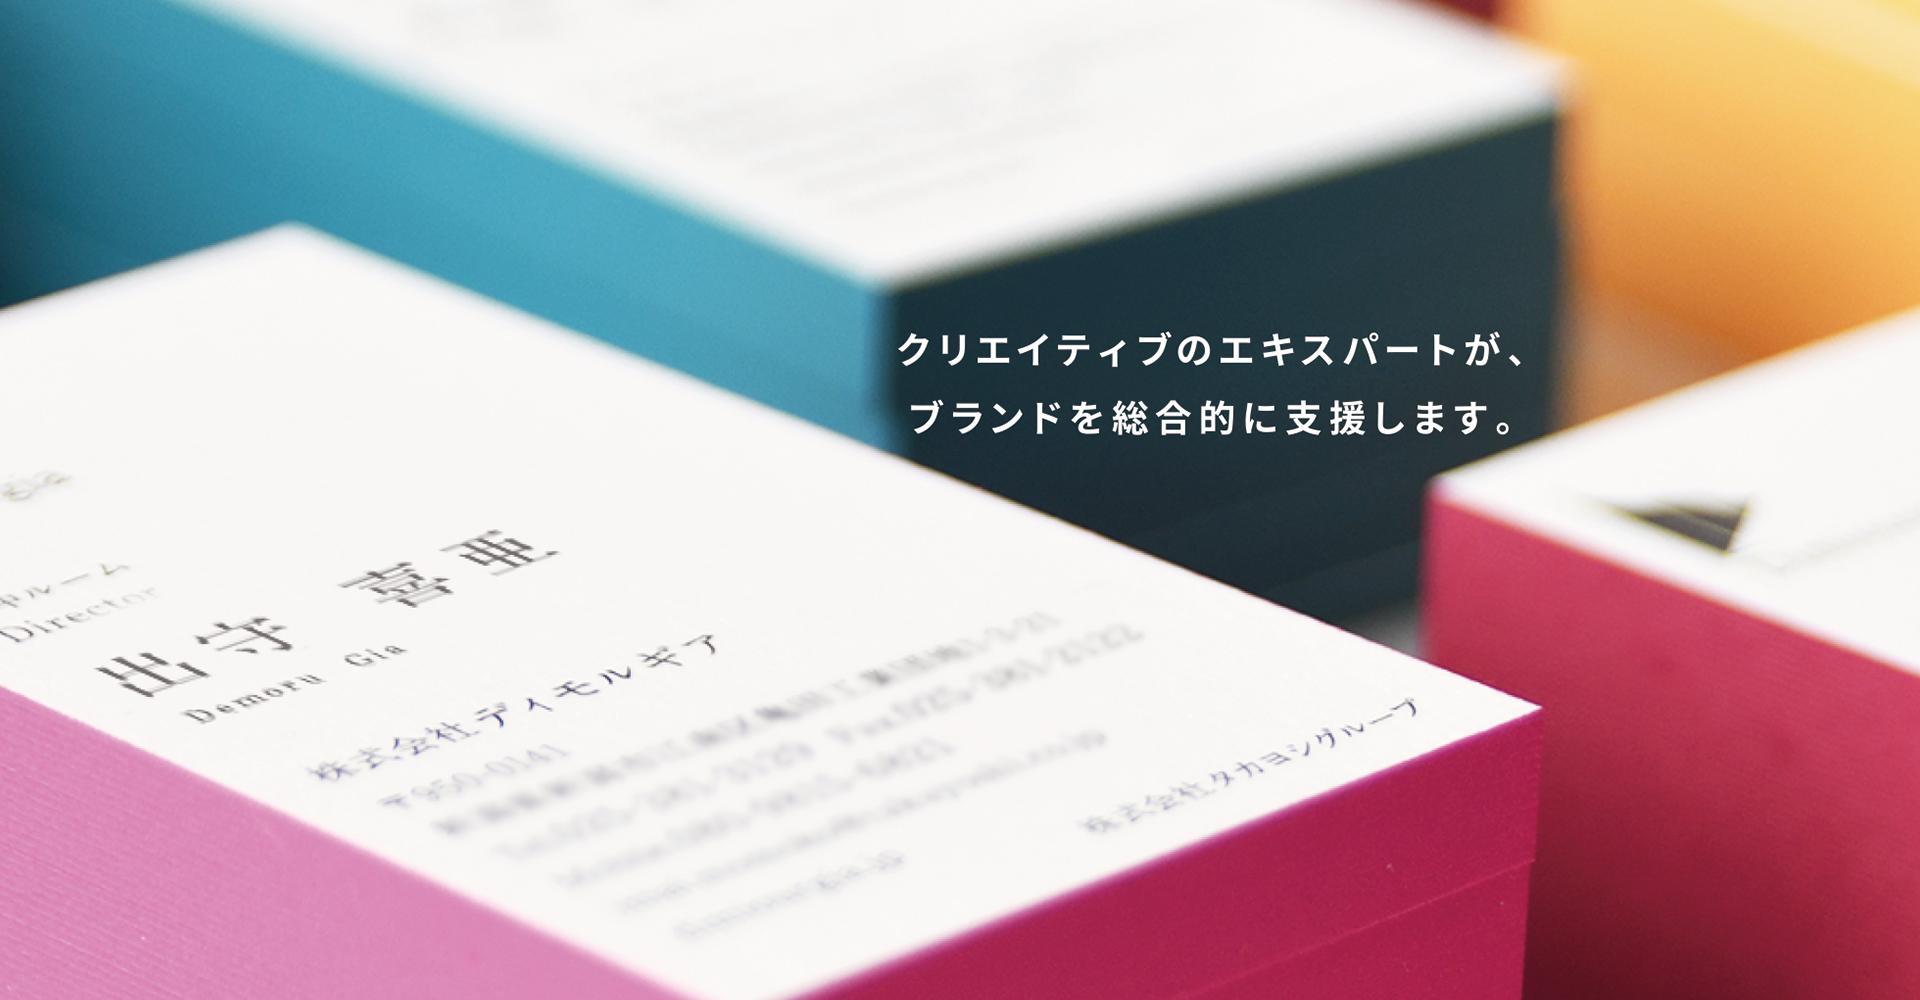 クリエイティブのエキスパートが、ブランドを総合的に支援します。